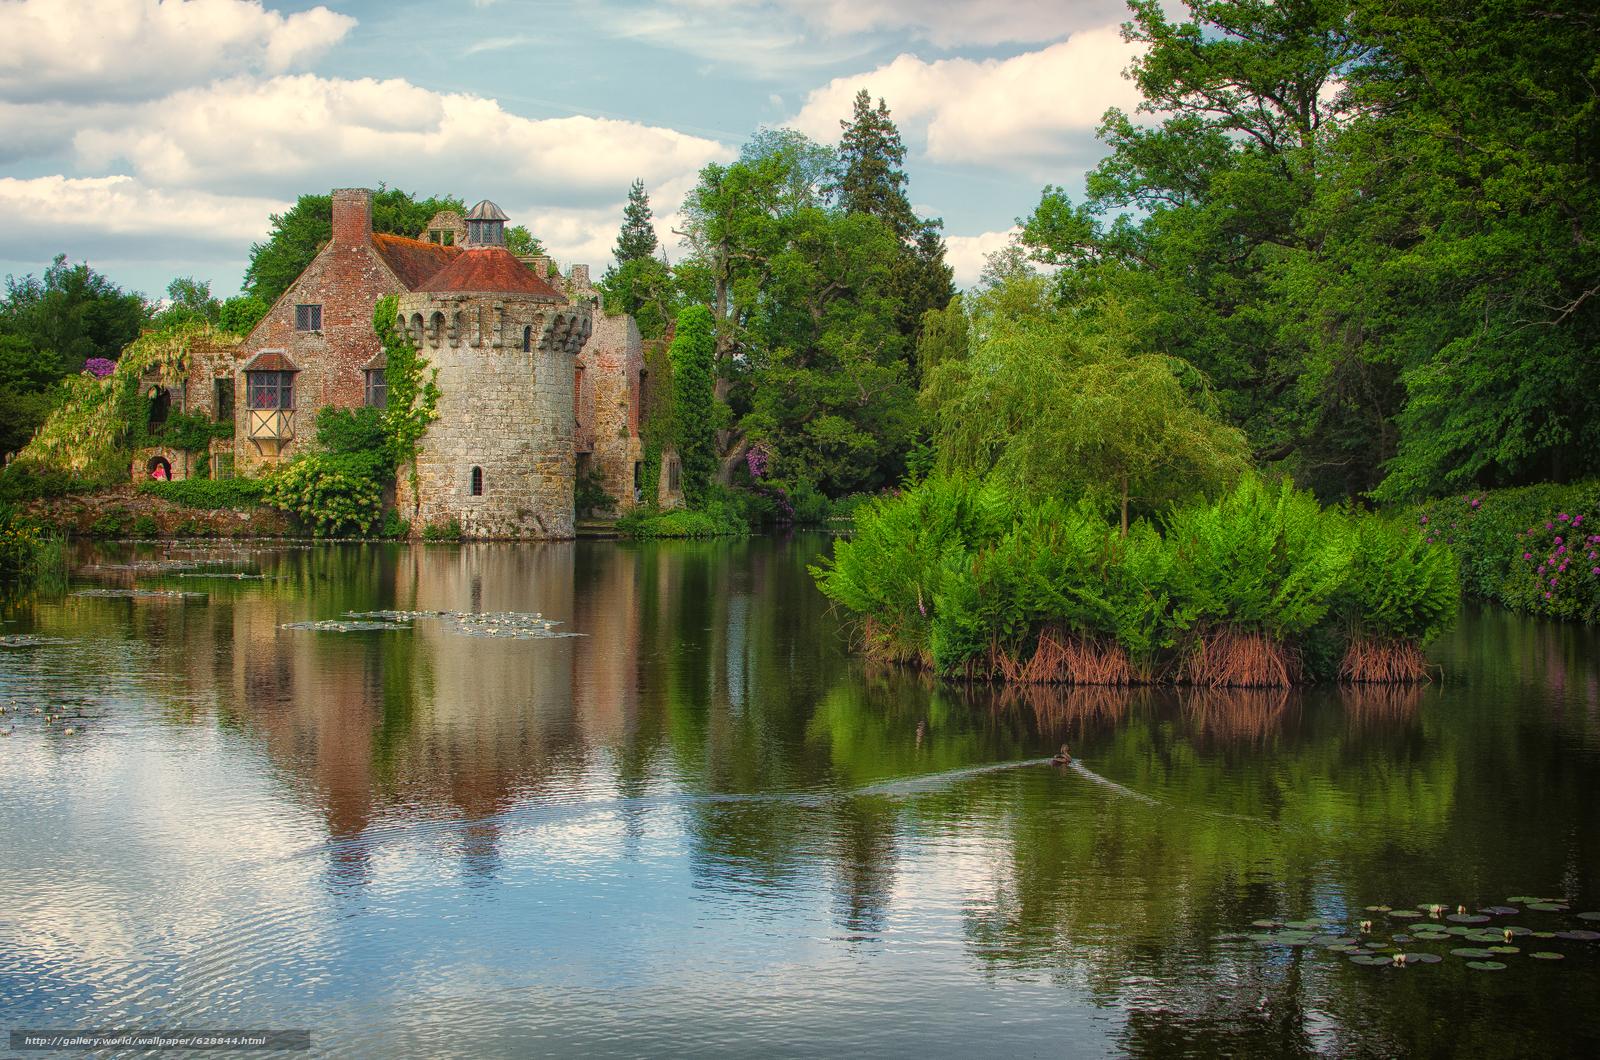 Scotney Old Castle, Lamberhurst, Kent, озеро, деревья, замок, пейзаж